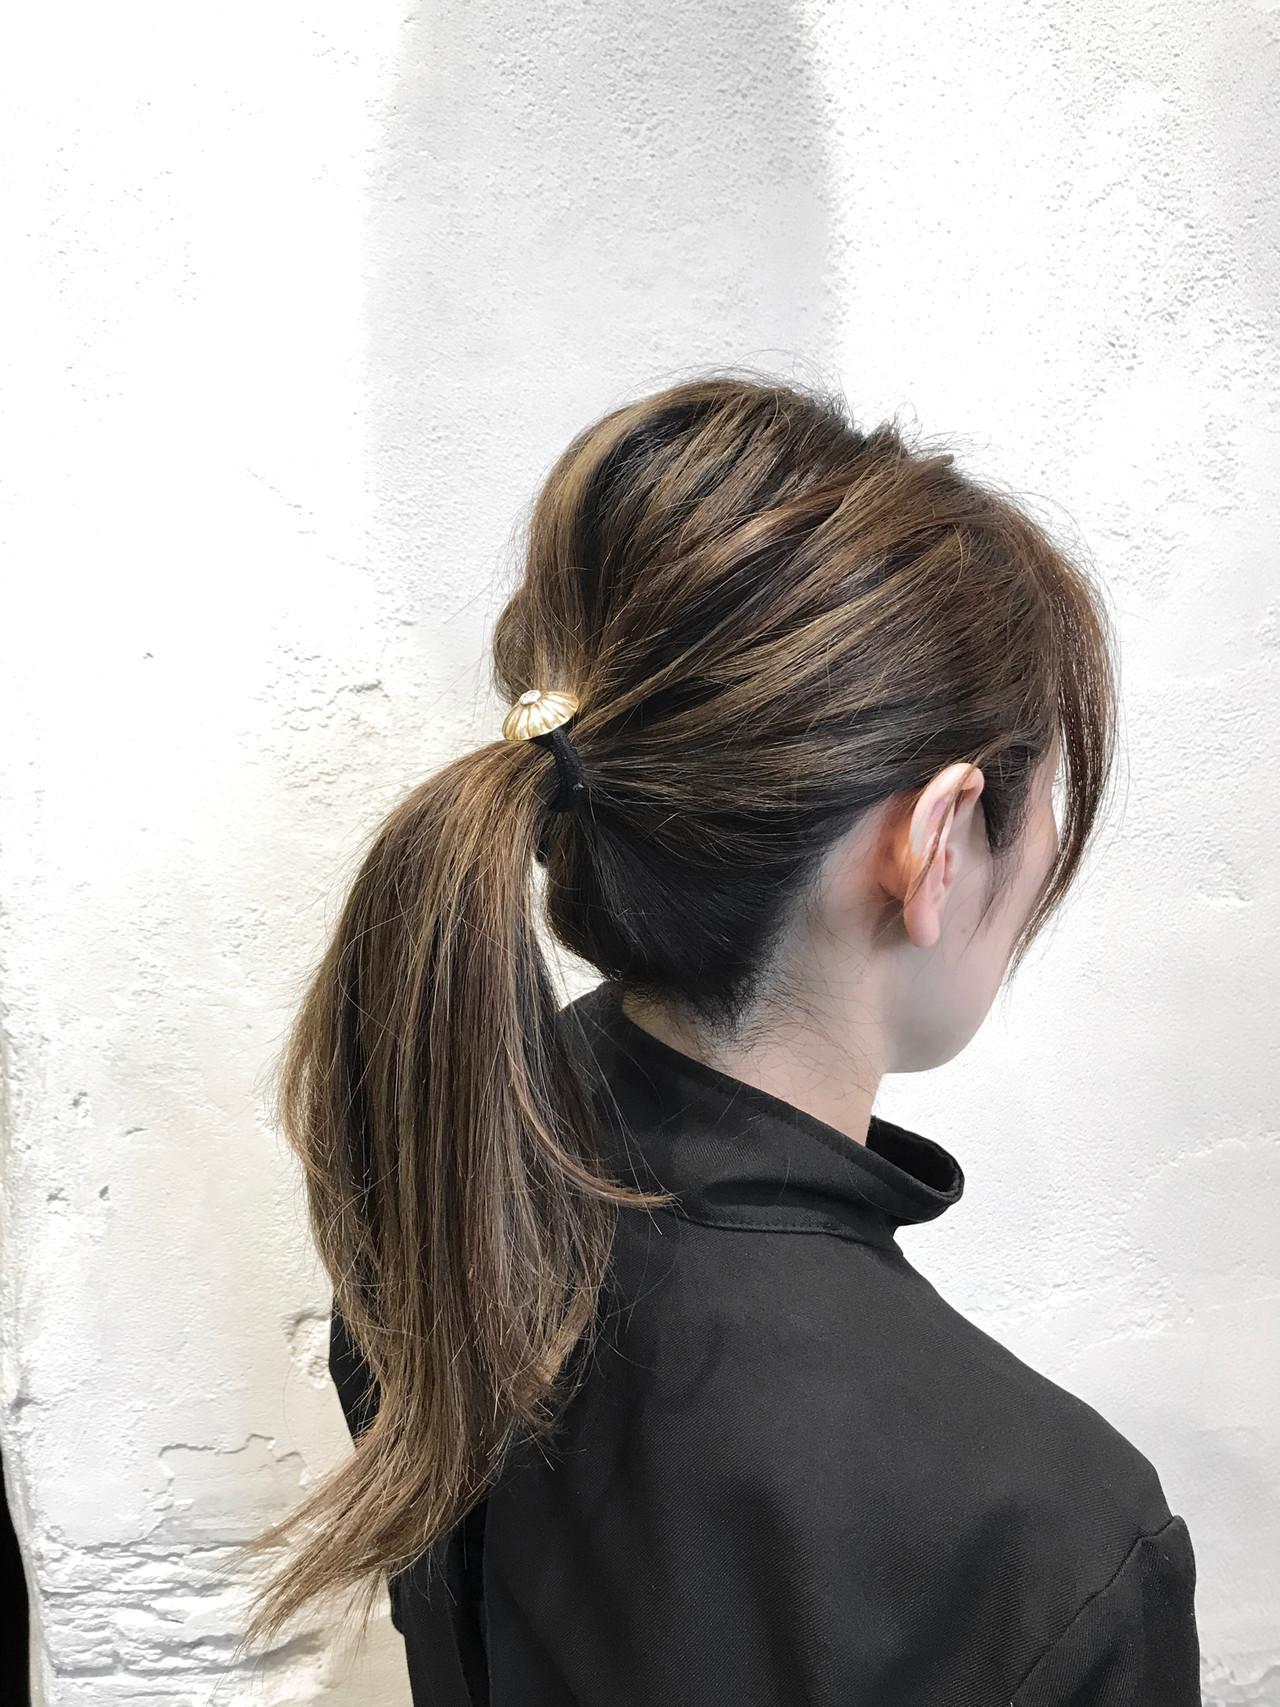 3Dハイライト ハイライト アッシュ ポニーテール ヘアスタイルや髪型の写真・画像